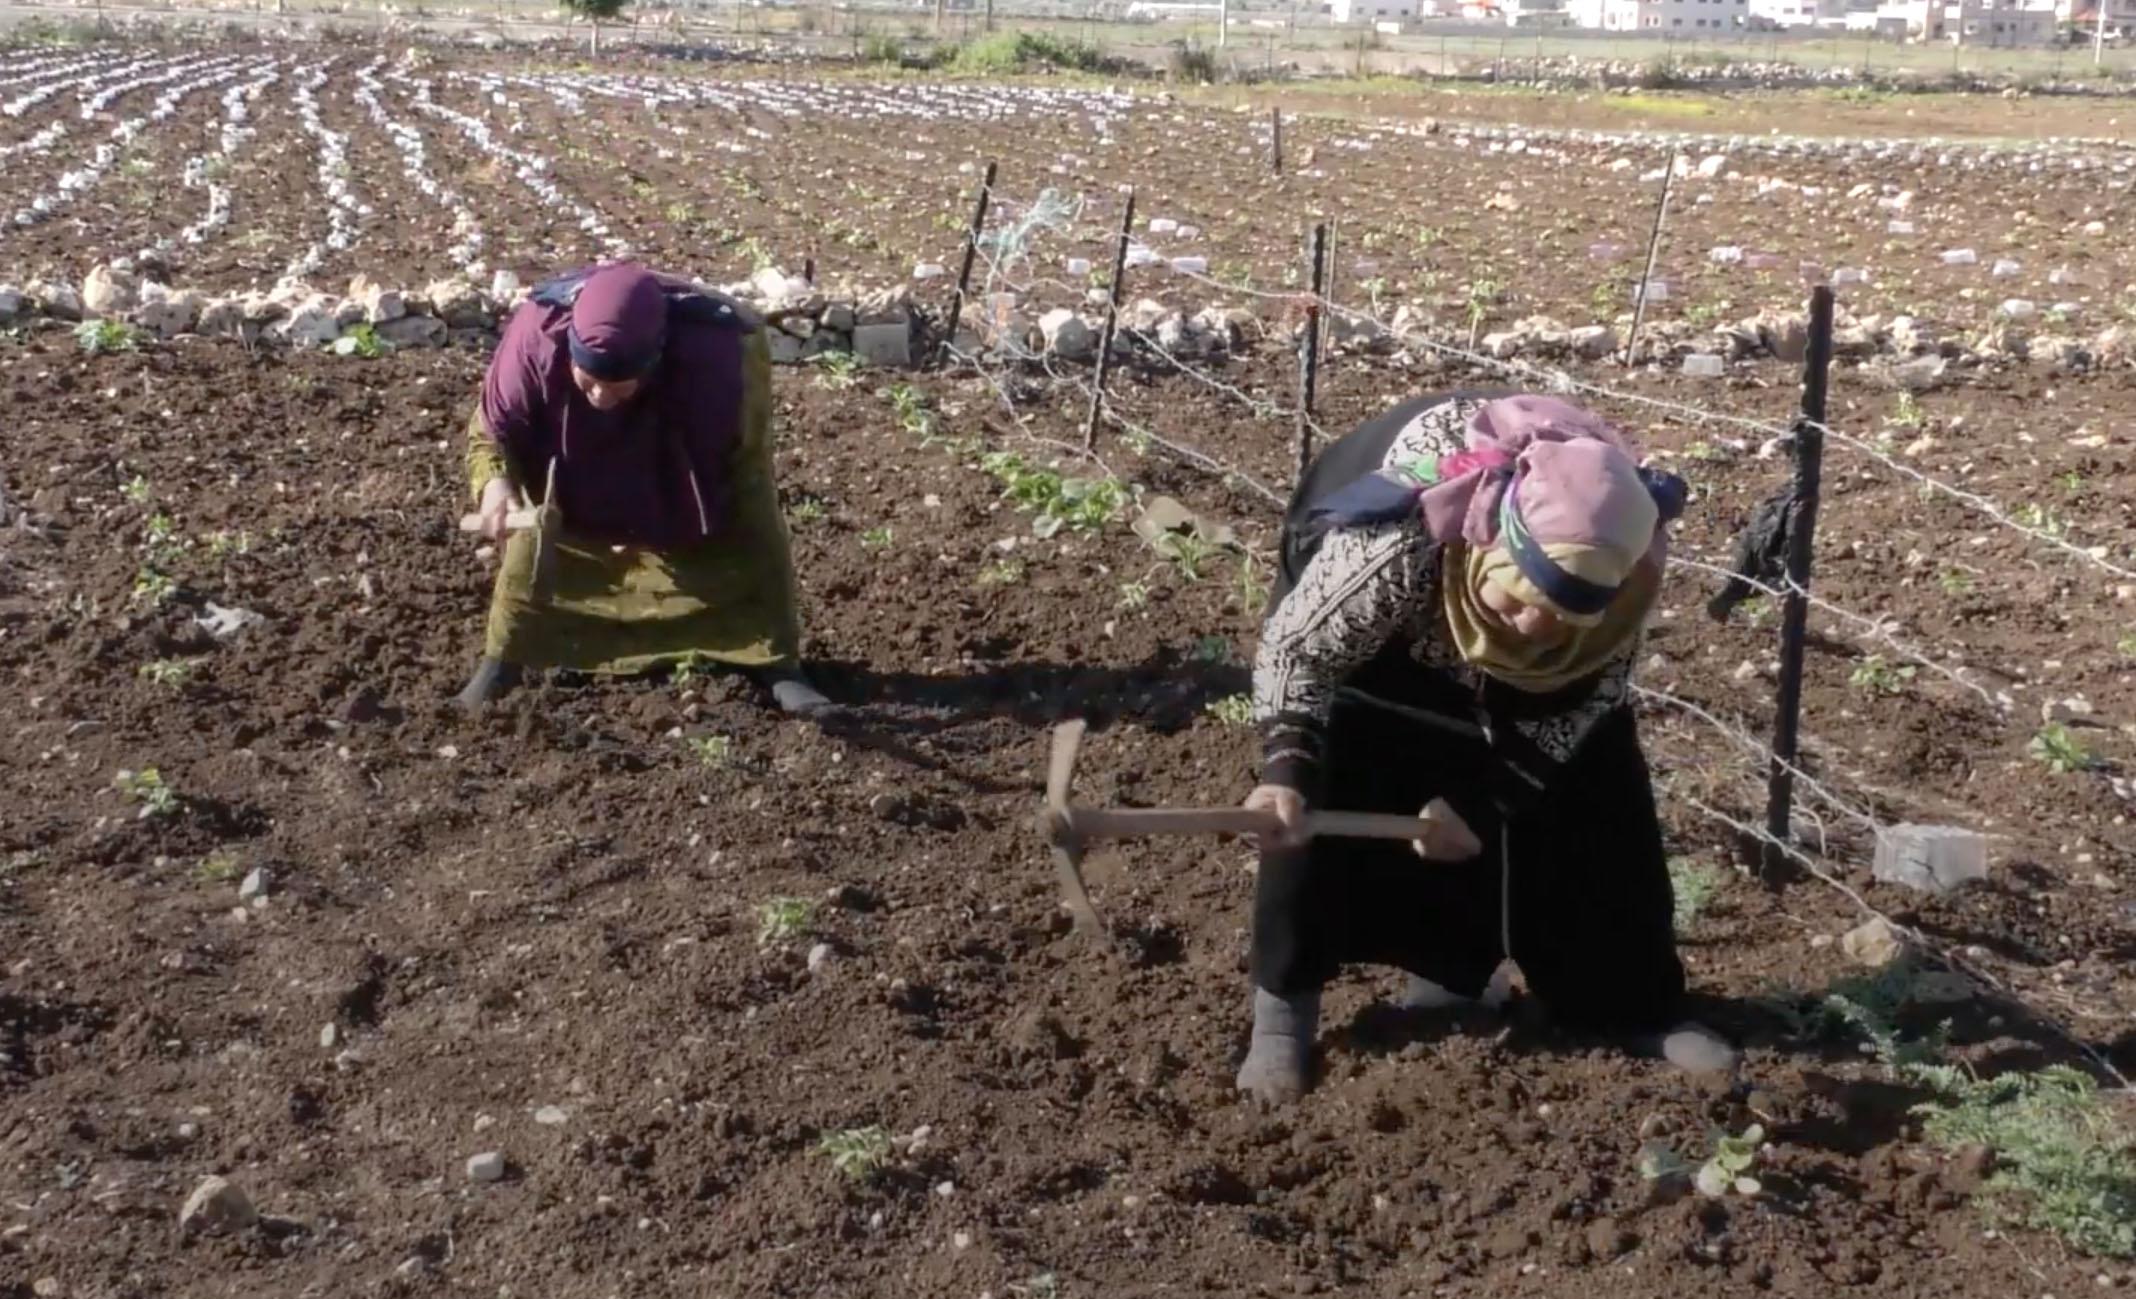 نساء أحببن الأرض وقلعن أعين الاحتلال الذي ينظر إليها عبر زراعتها والاهتمام بها